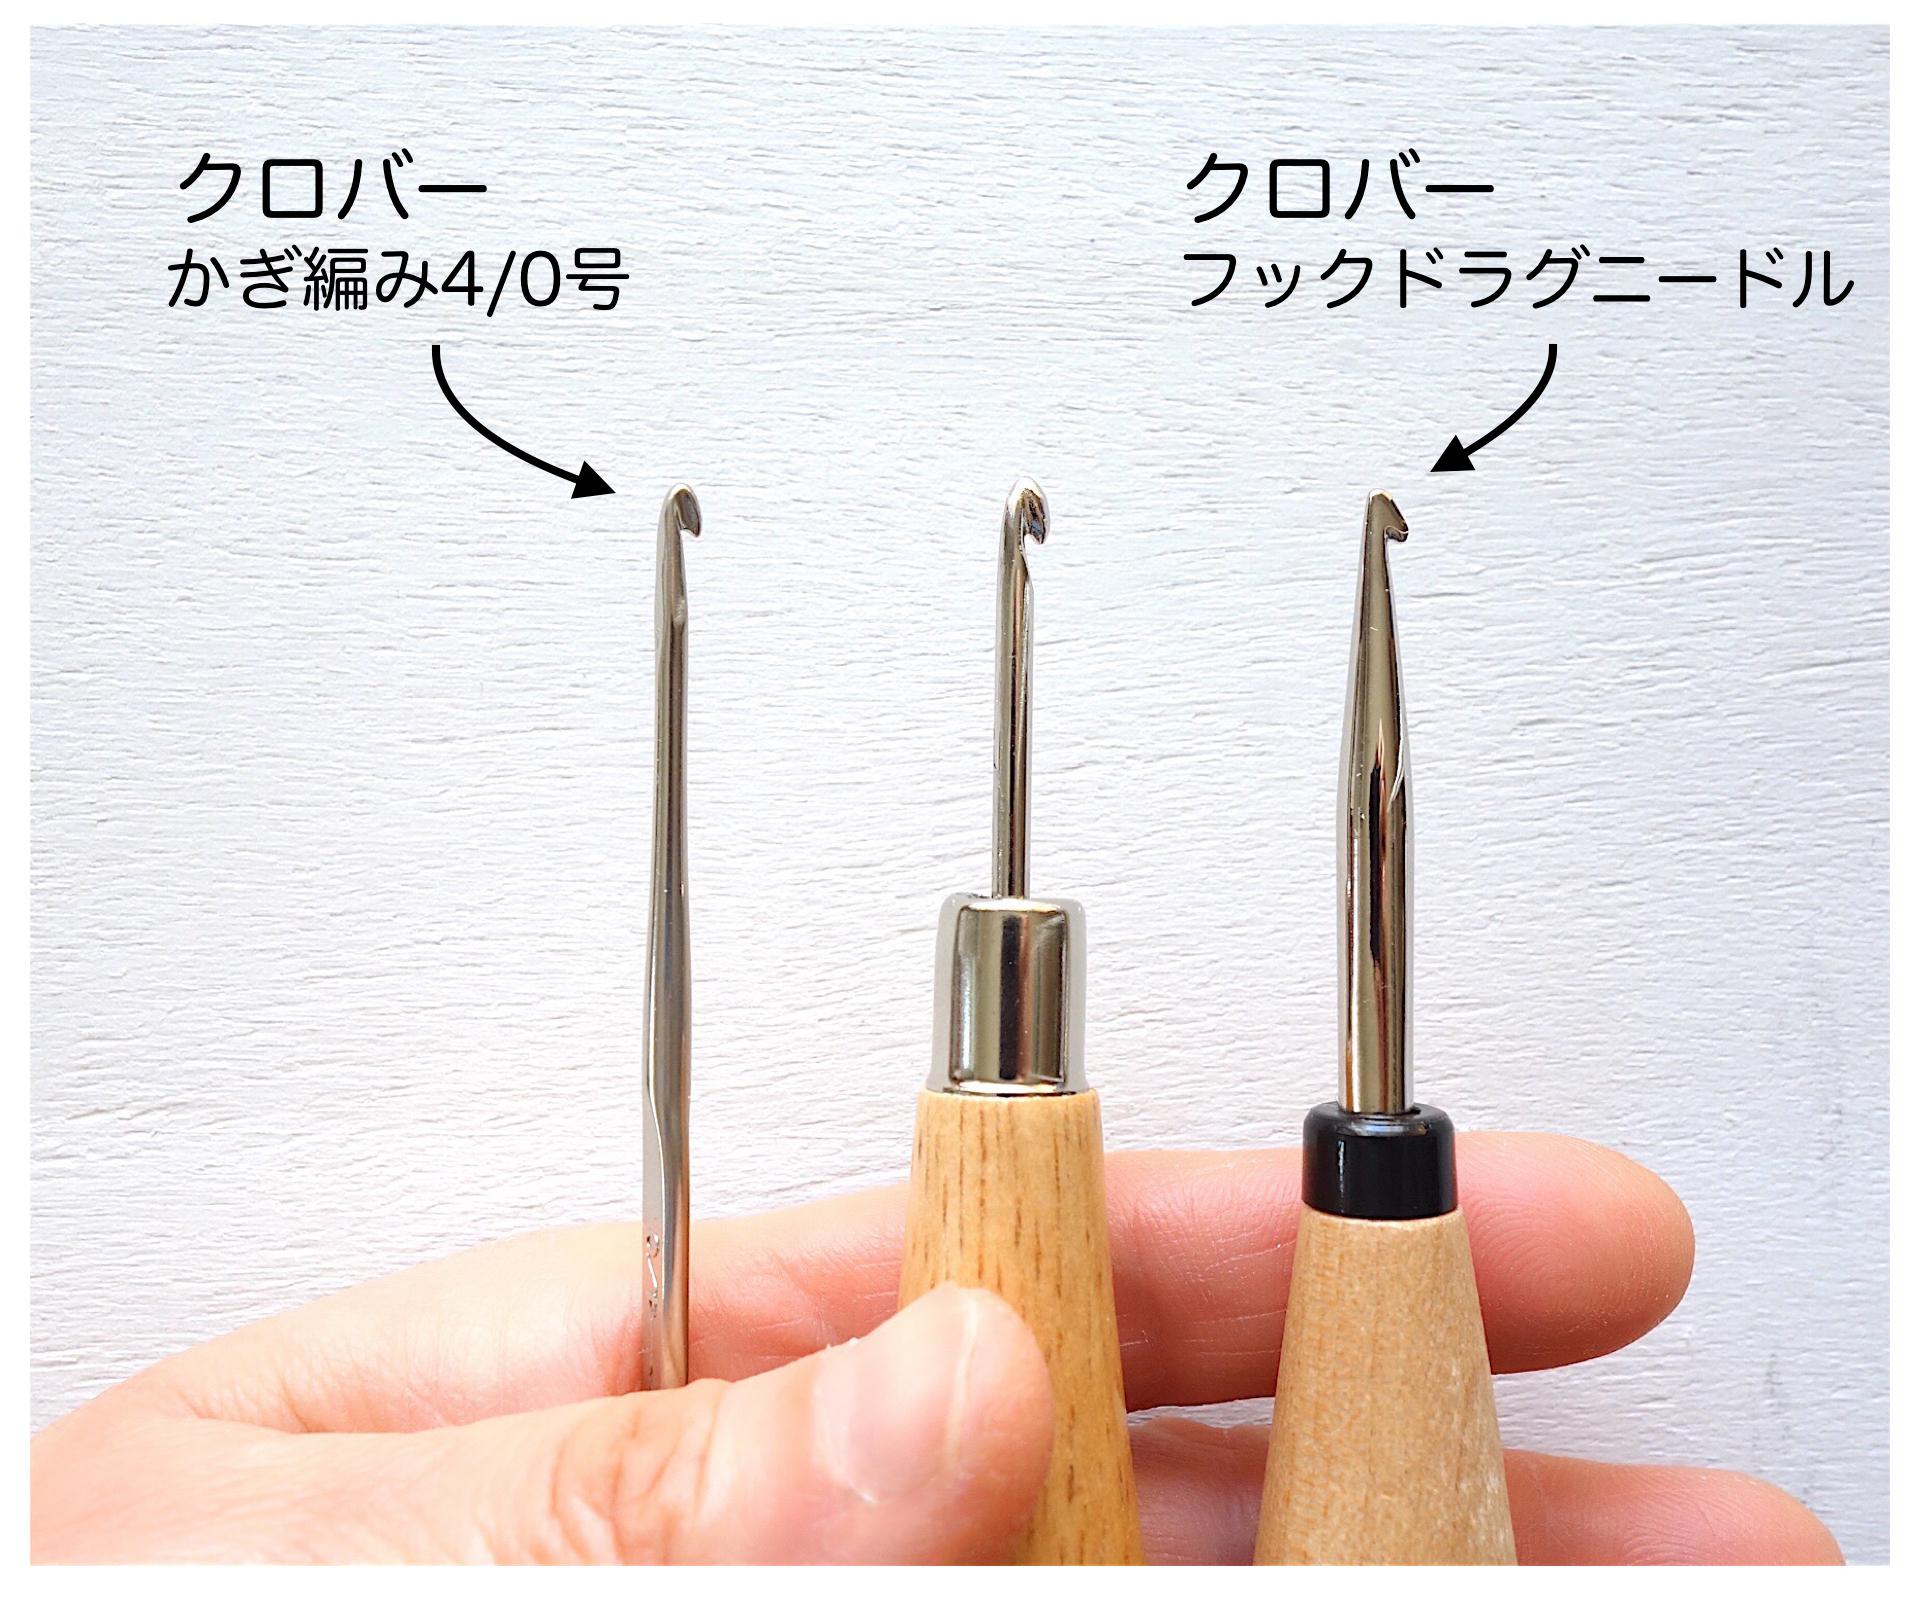 鍵編み棒と少し違います。